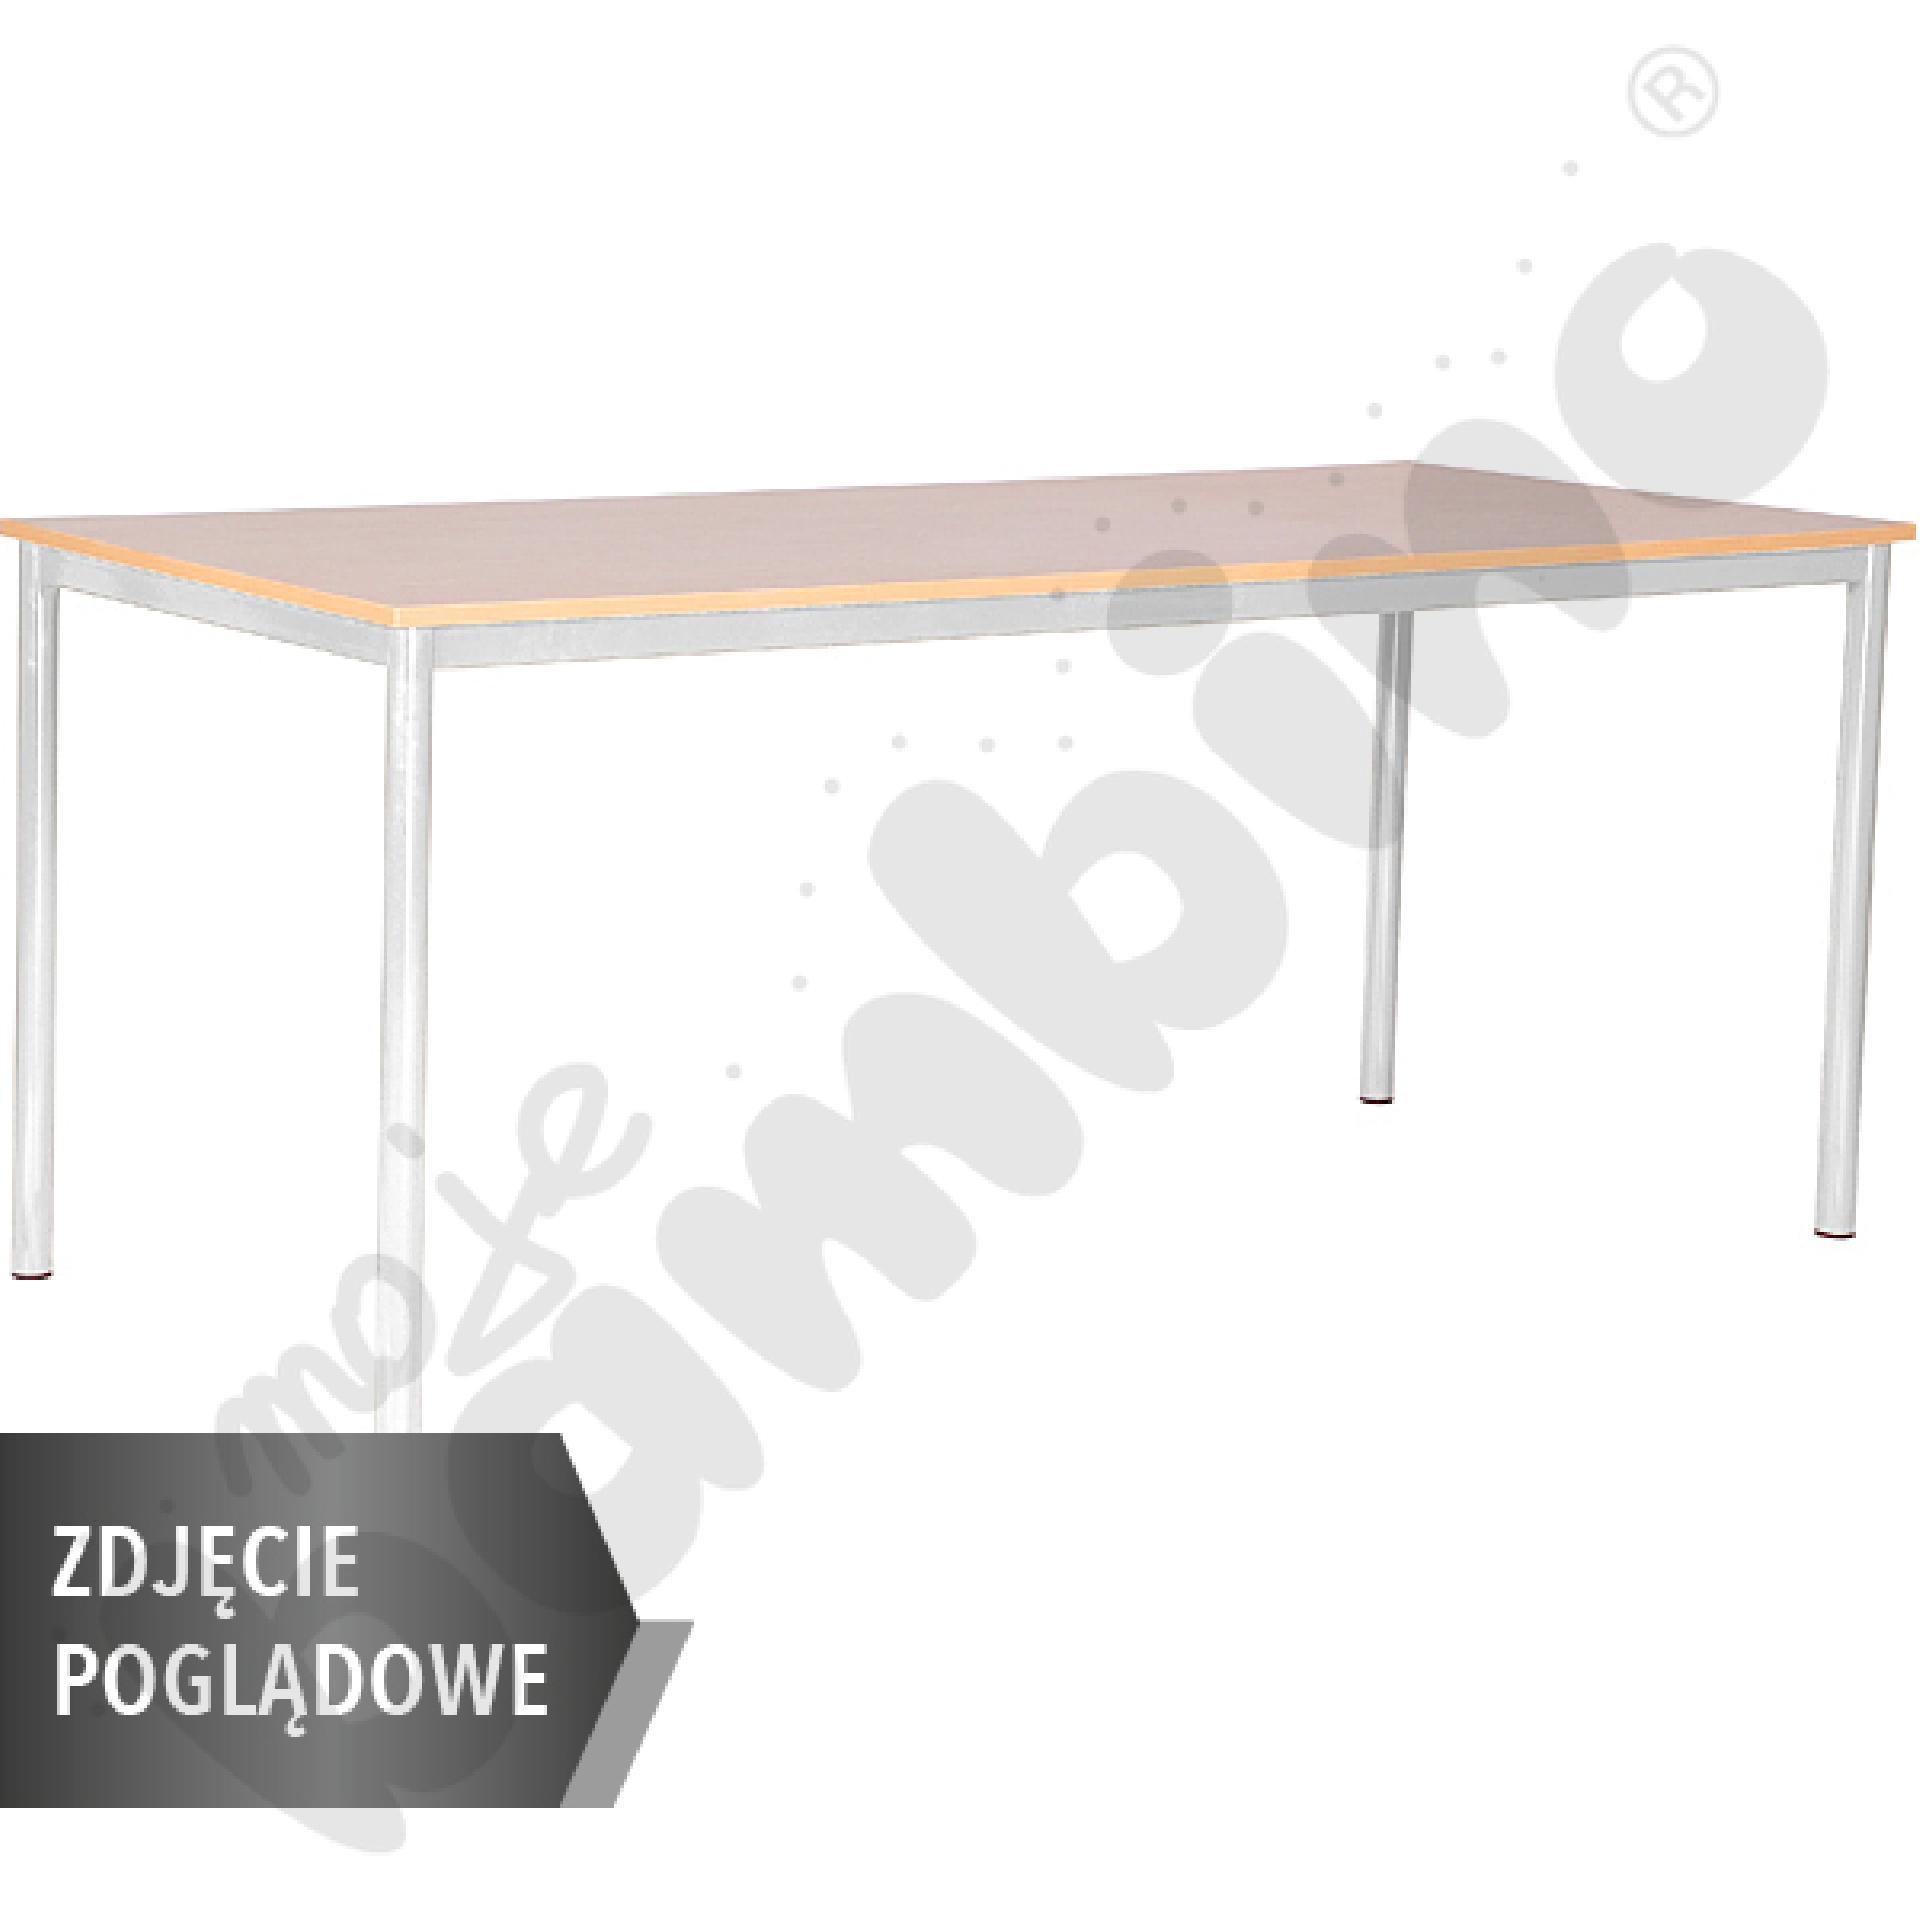 Stół Mila 180x80 rozm. 4, 8os., stelaż zielony, blat biały, obrzeże ABS, narożniki proste